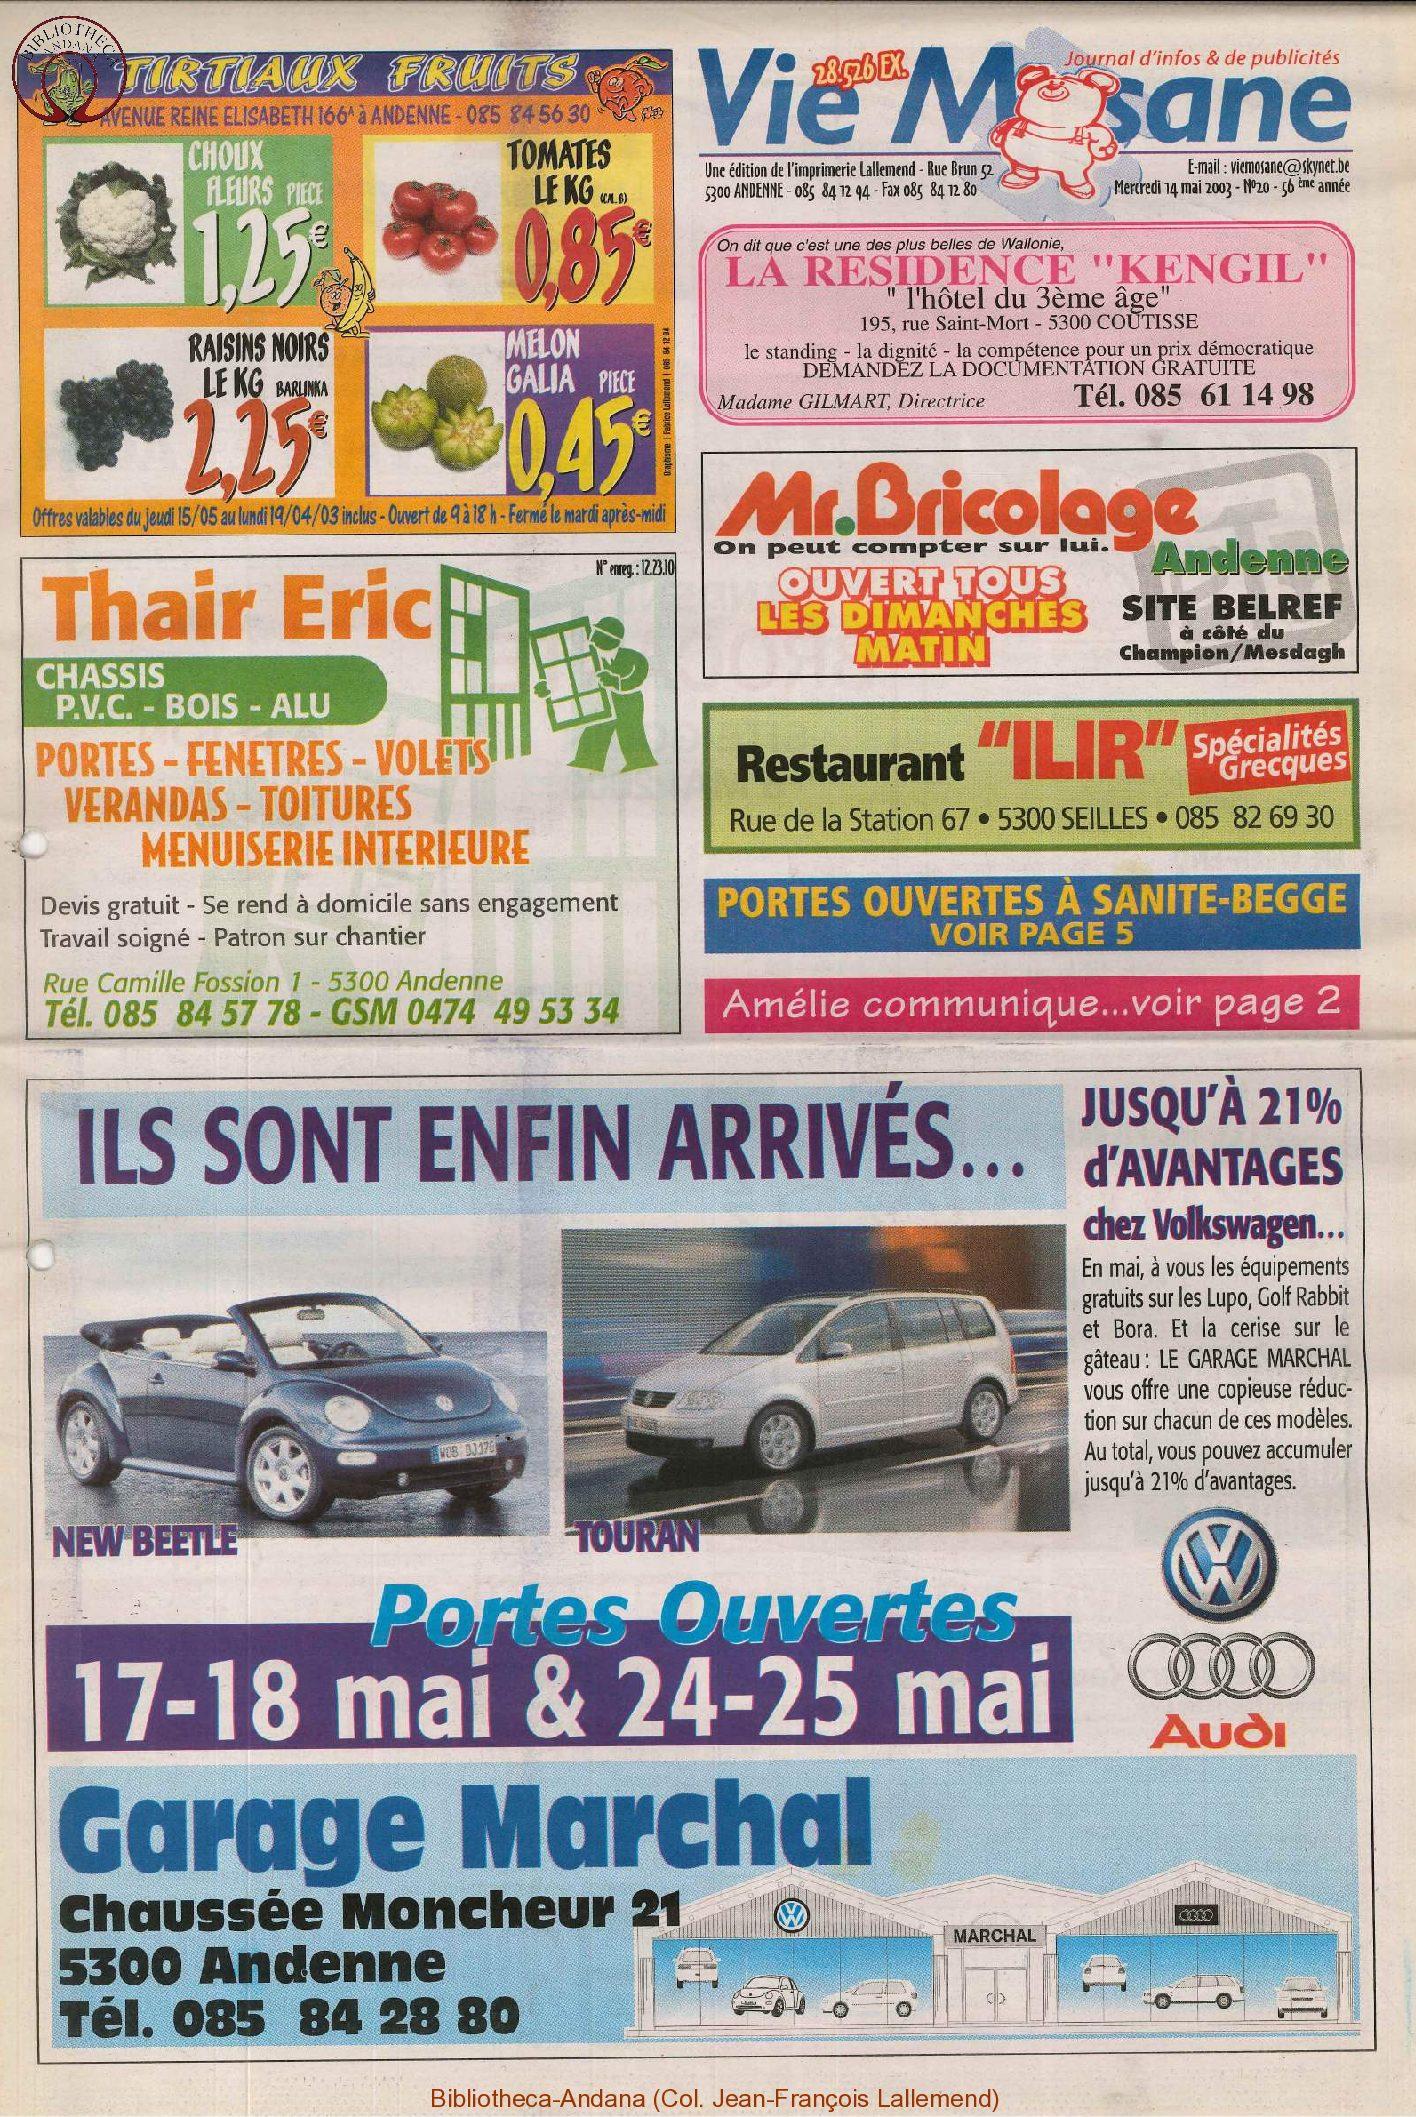 57e année - n°20 - 14 mai 2003